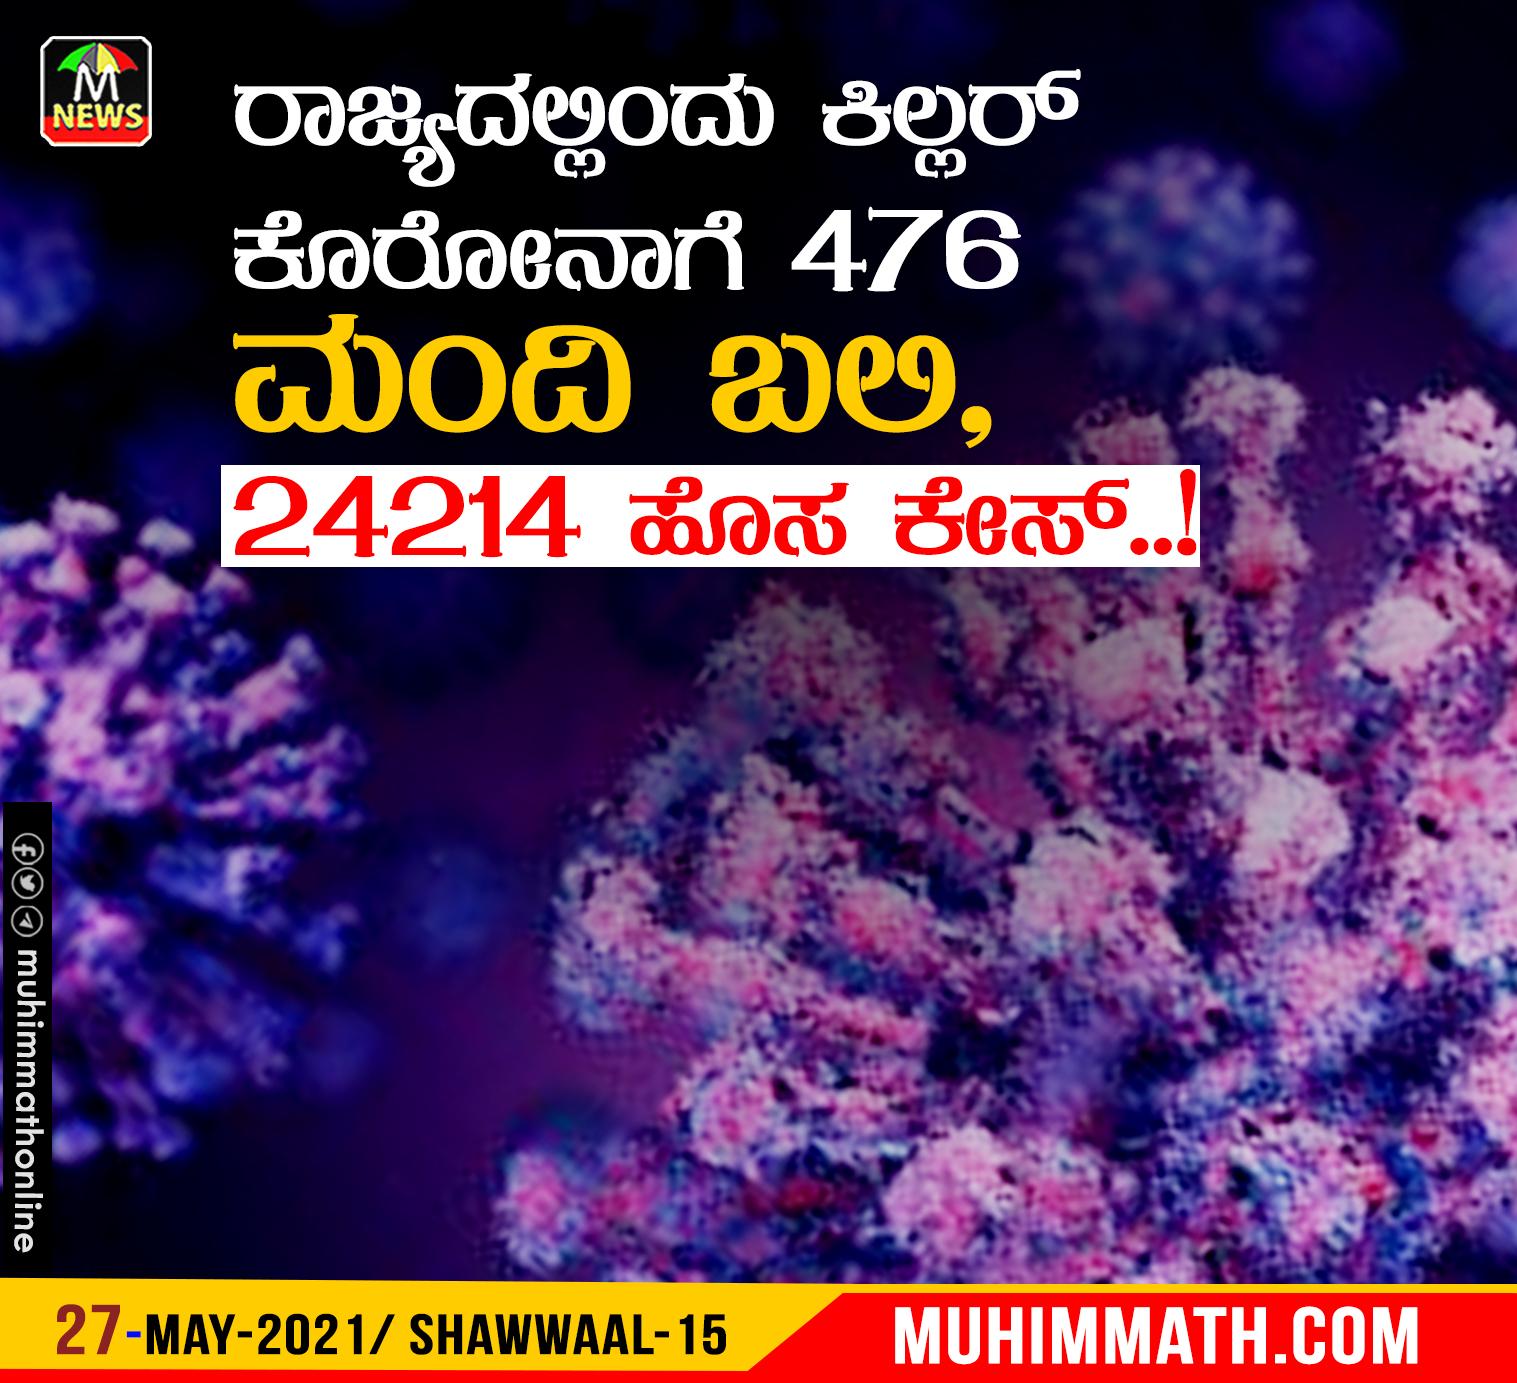 ರಾಜ್ಯದಲ್ಲಿಂದು ಕಿಲ್ಲರ್ ಕೊರೋನಾಗೆ 476 ಮಂದಿ ಬಲಿ, 24214 ಹೊಸ ಕೇಸ್..!